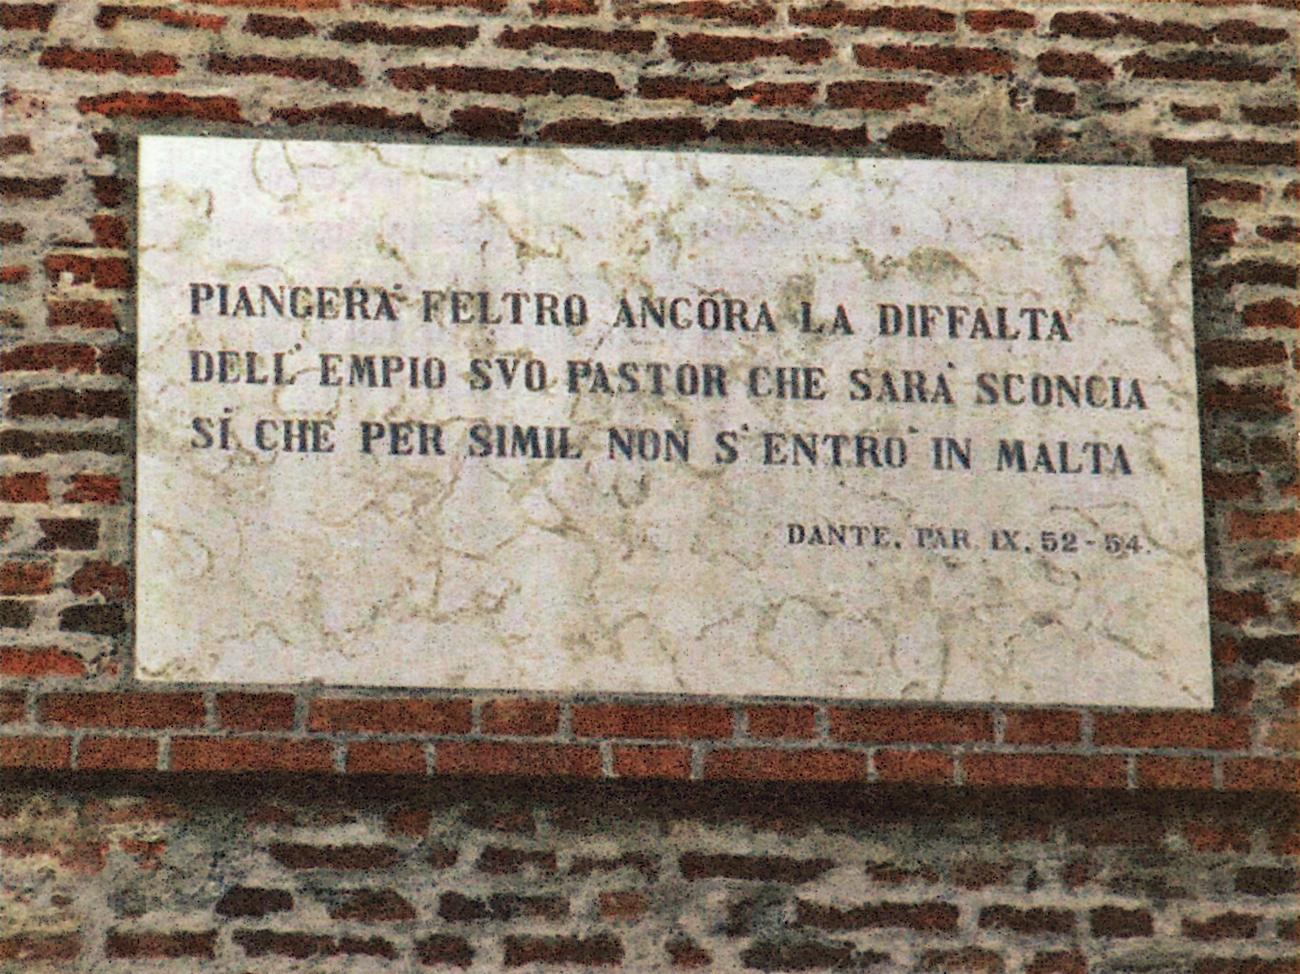 I versi 52-54 del Canto IX sulla Torre di Malta.